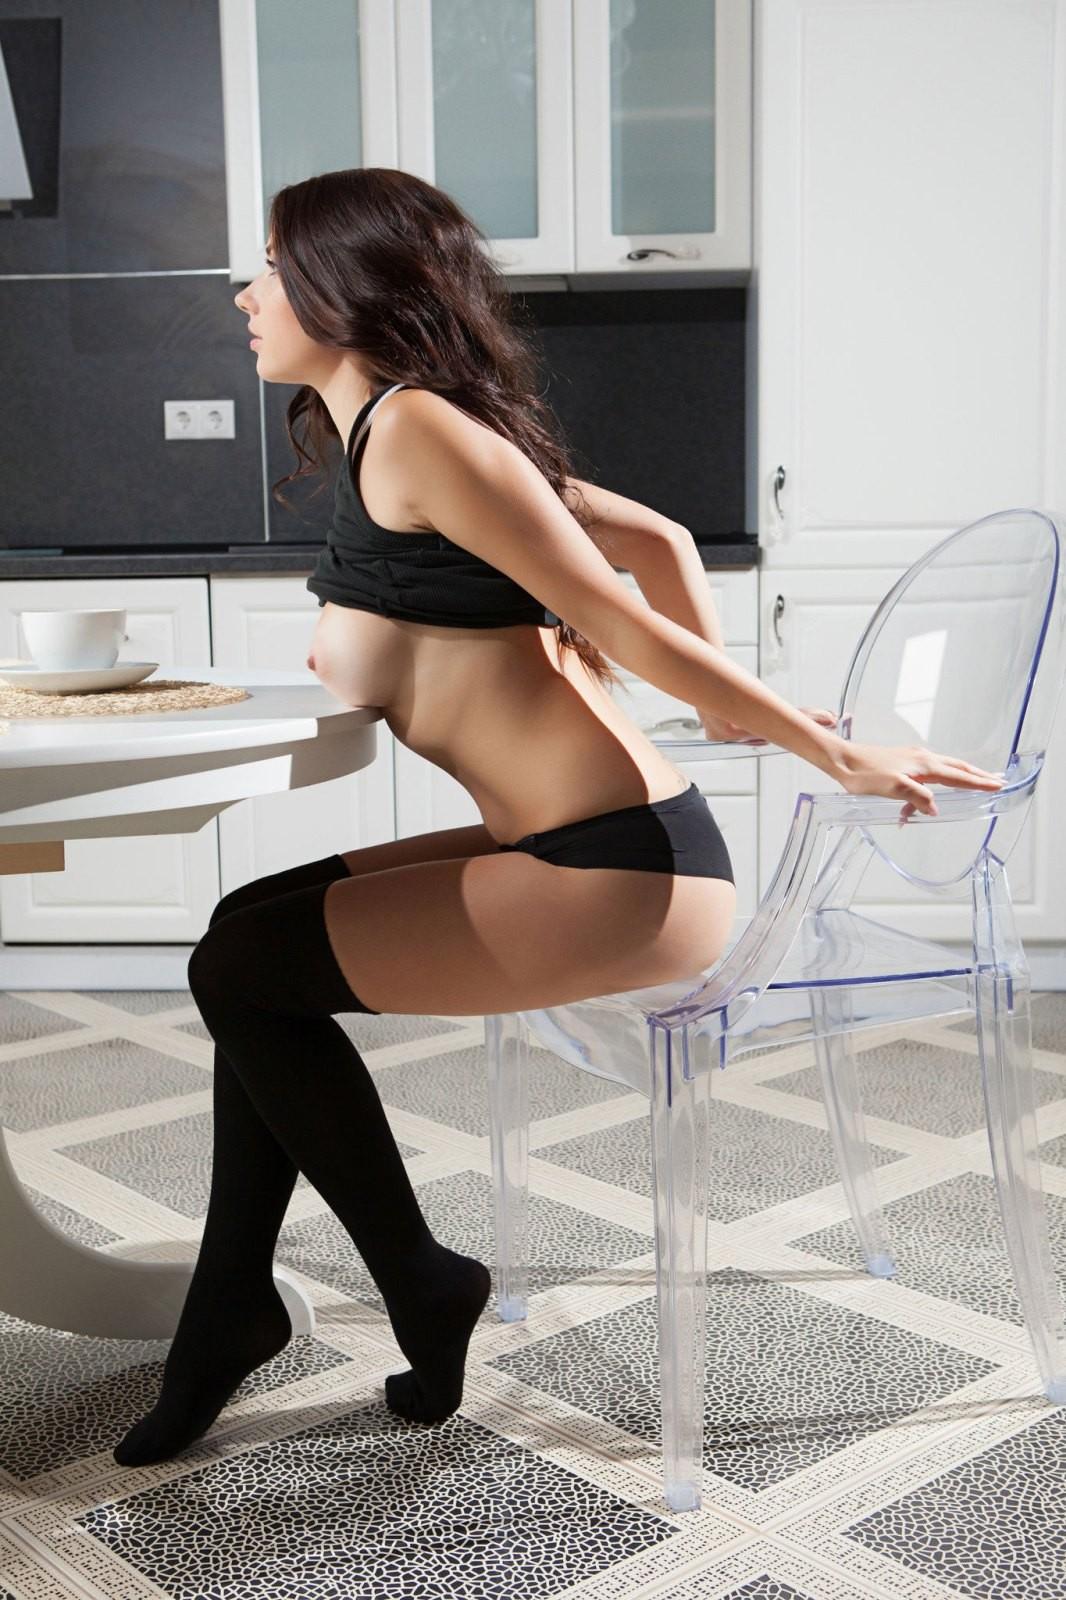 Девушка с голыми сиськами на кухне - фото